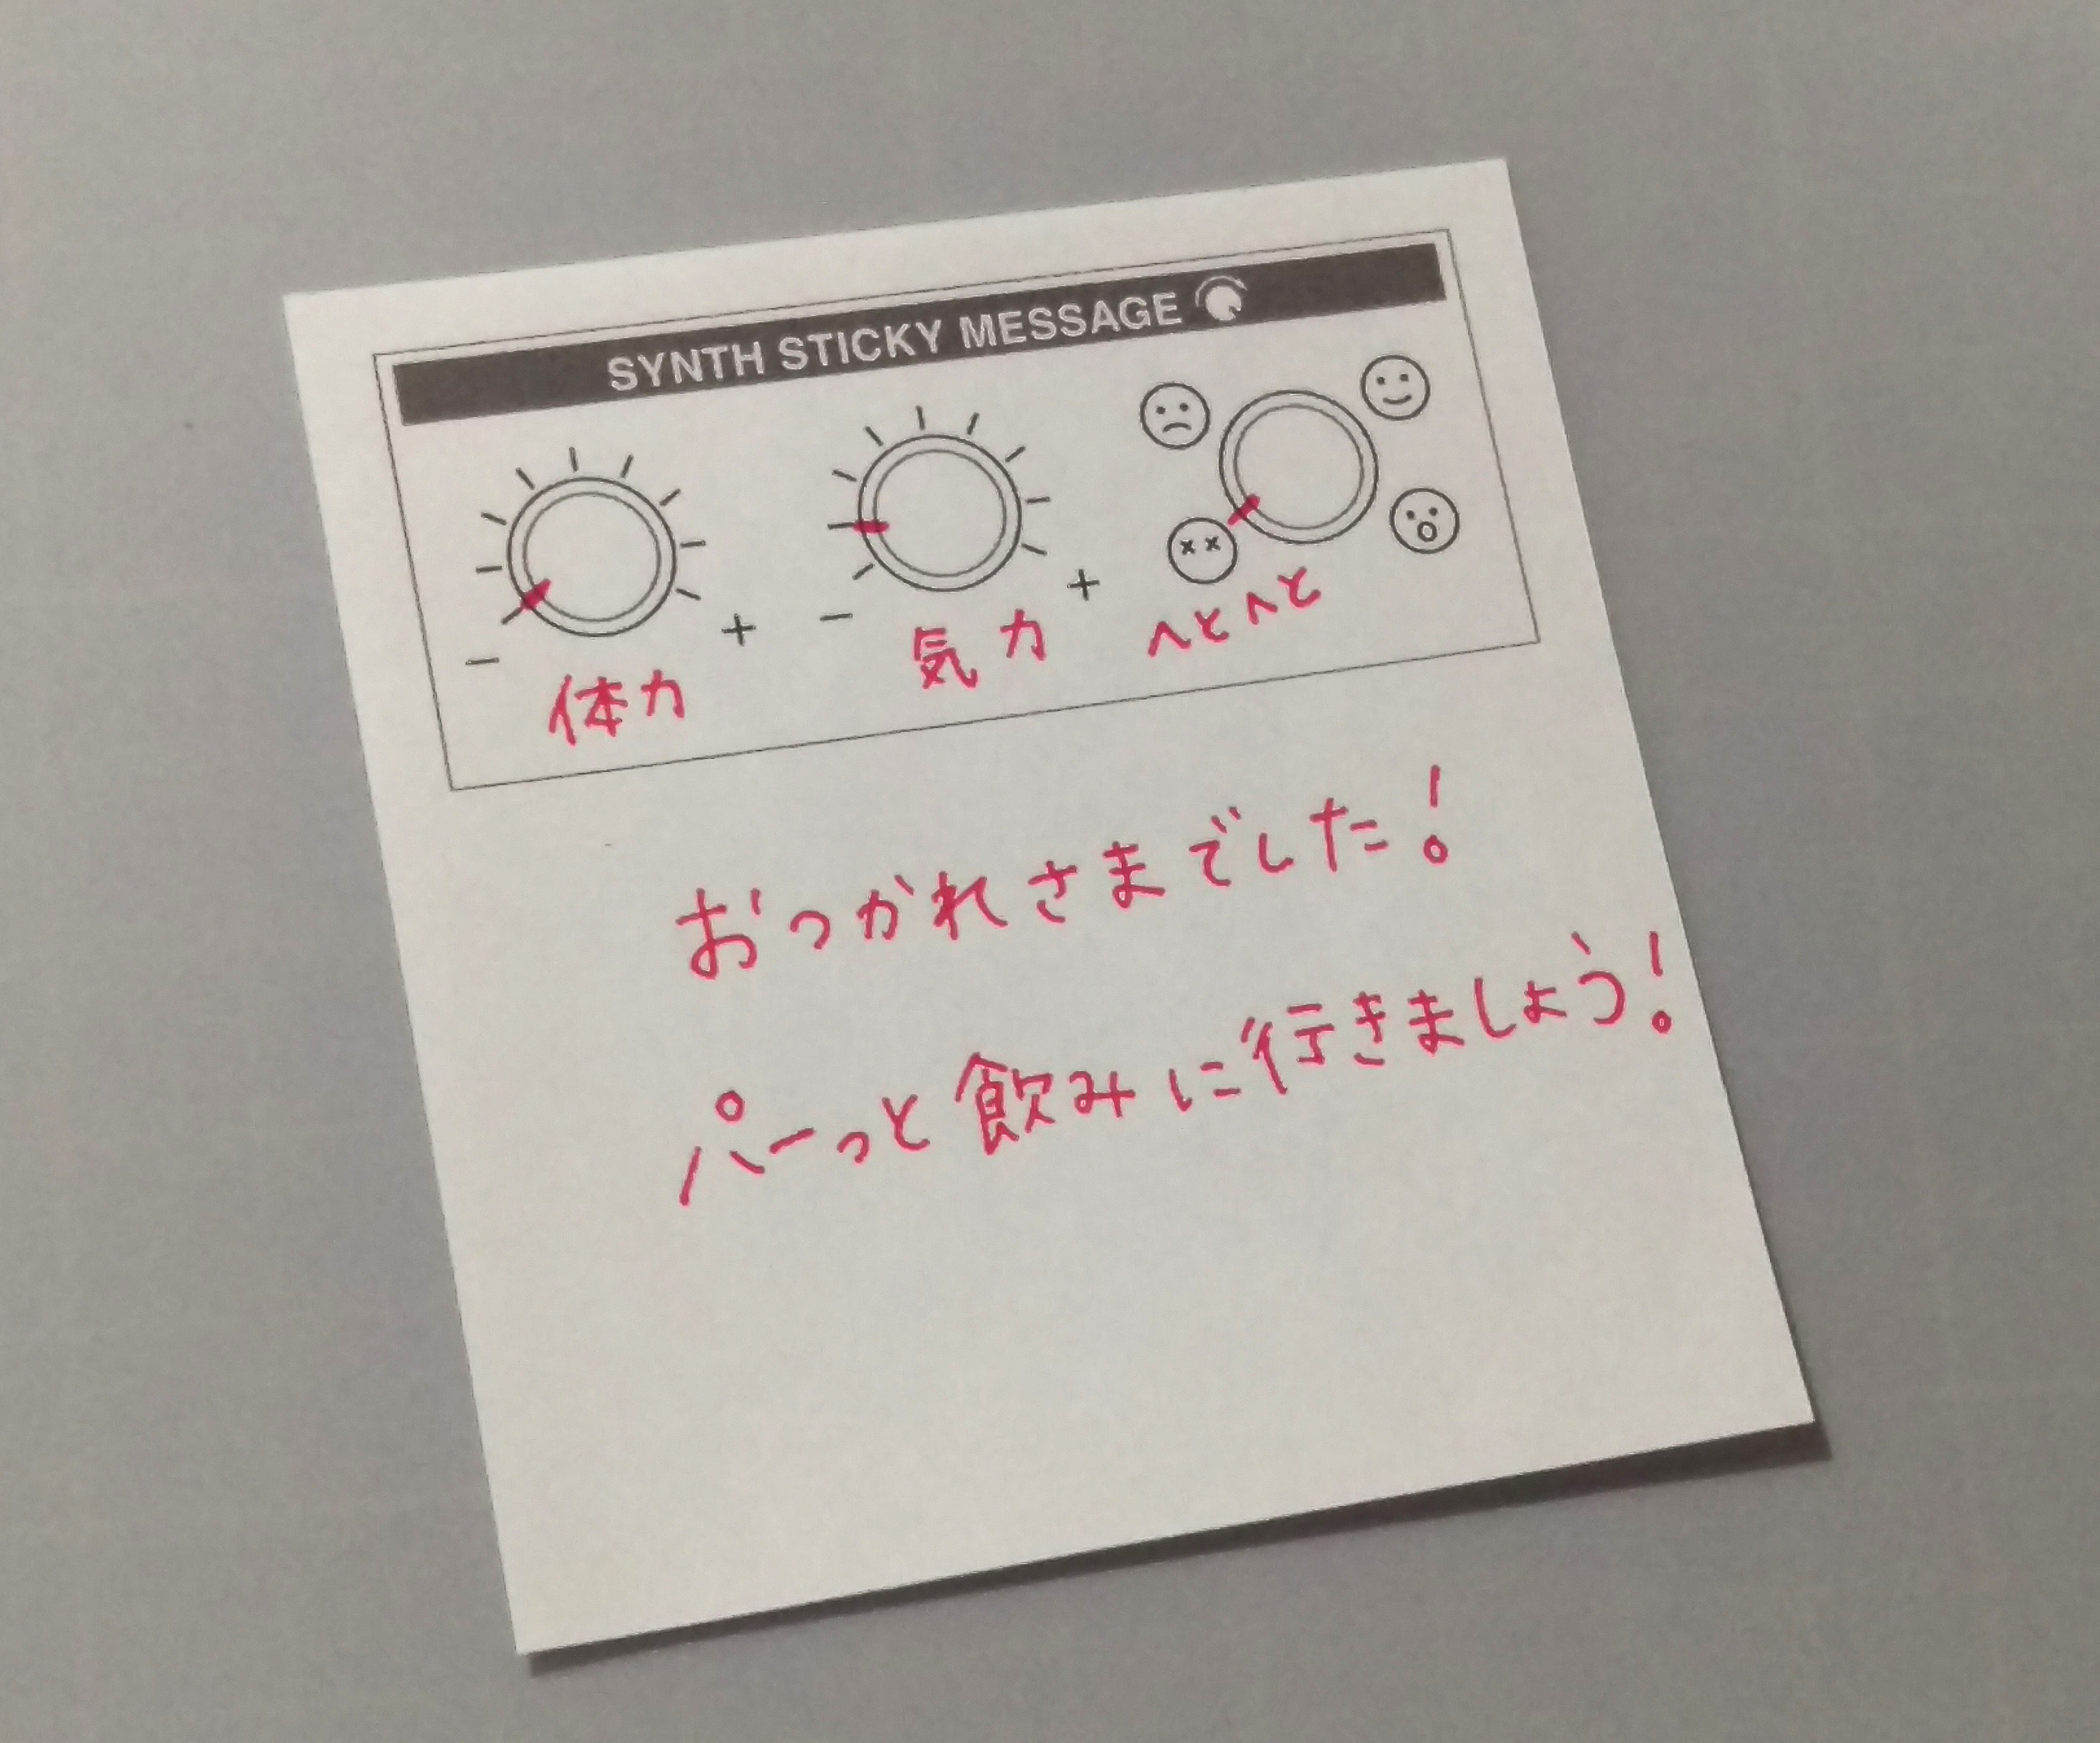 【ポストイット】シンセツマミふせん/Synth Sticky Message【SSM】